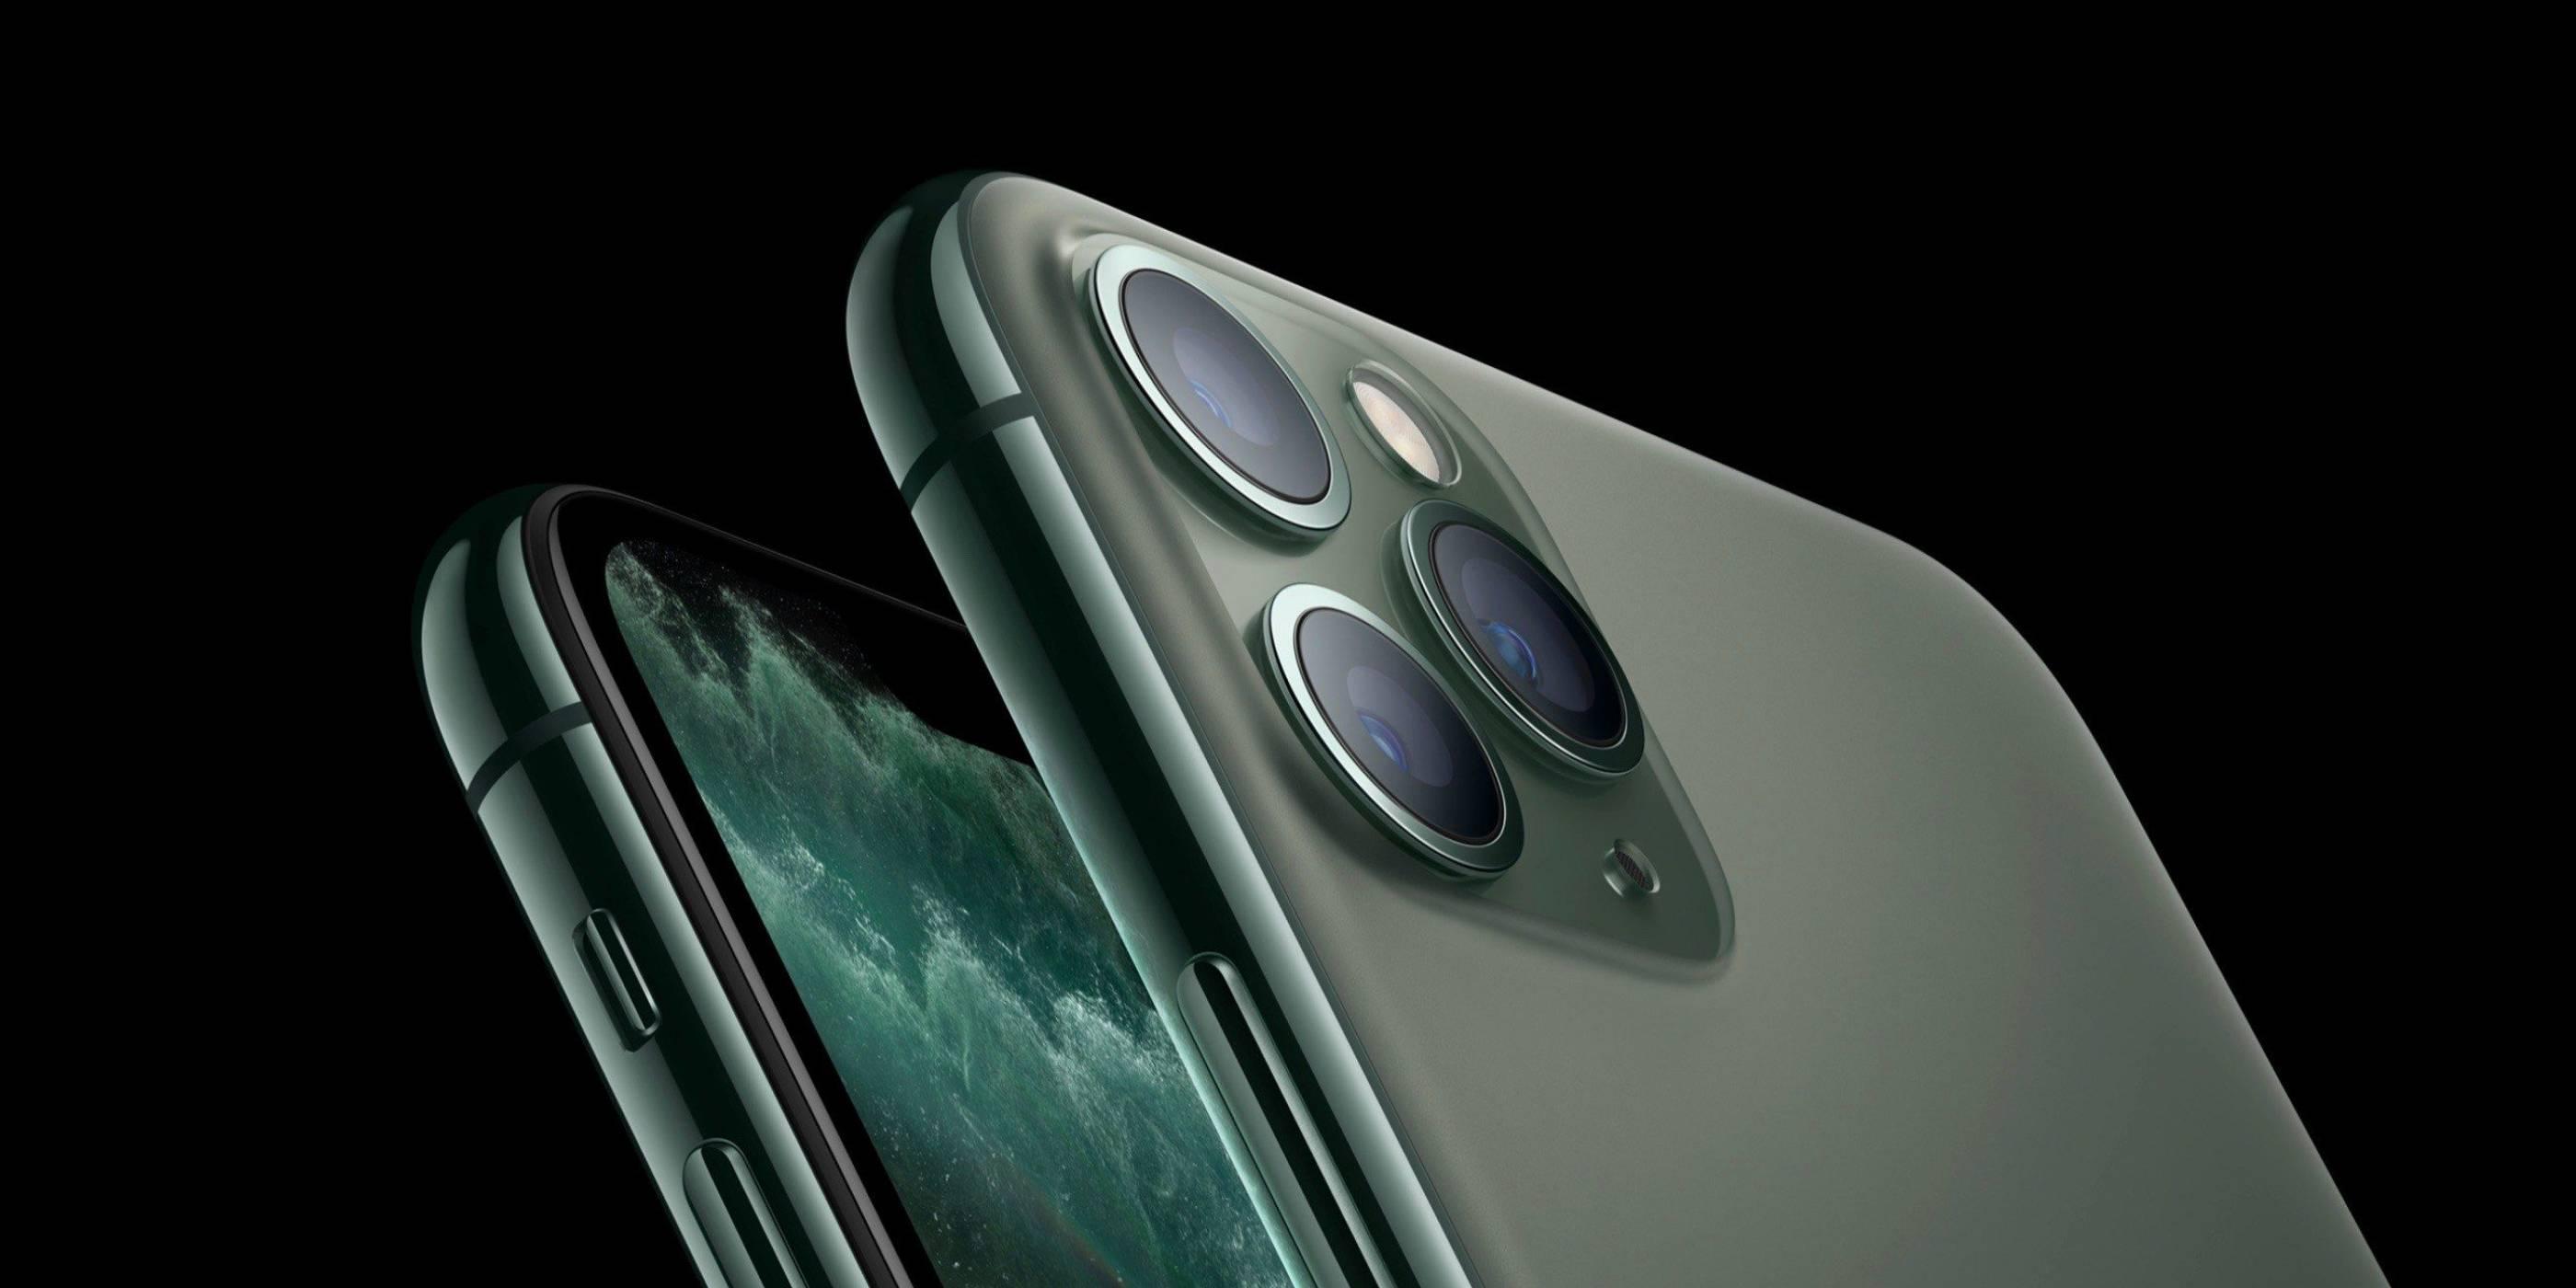 Стандартният iPhone 11 може да отсрами новите флагмани